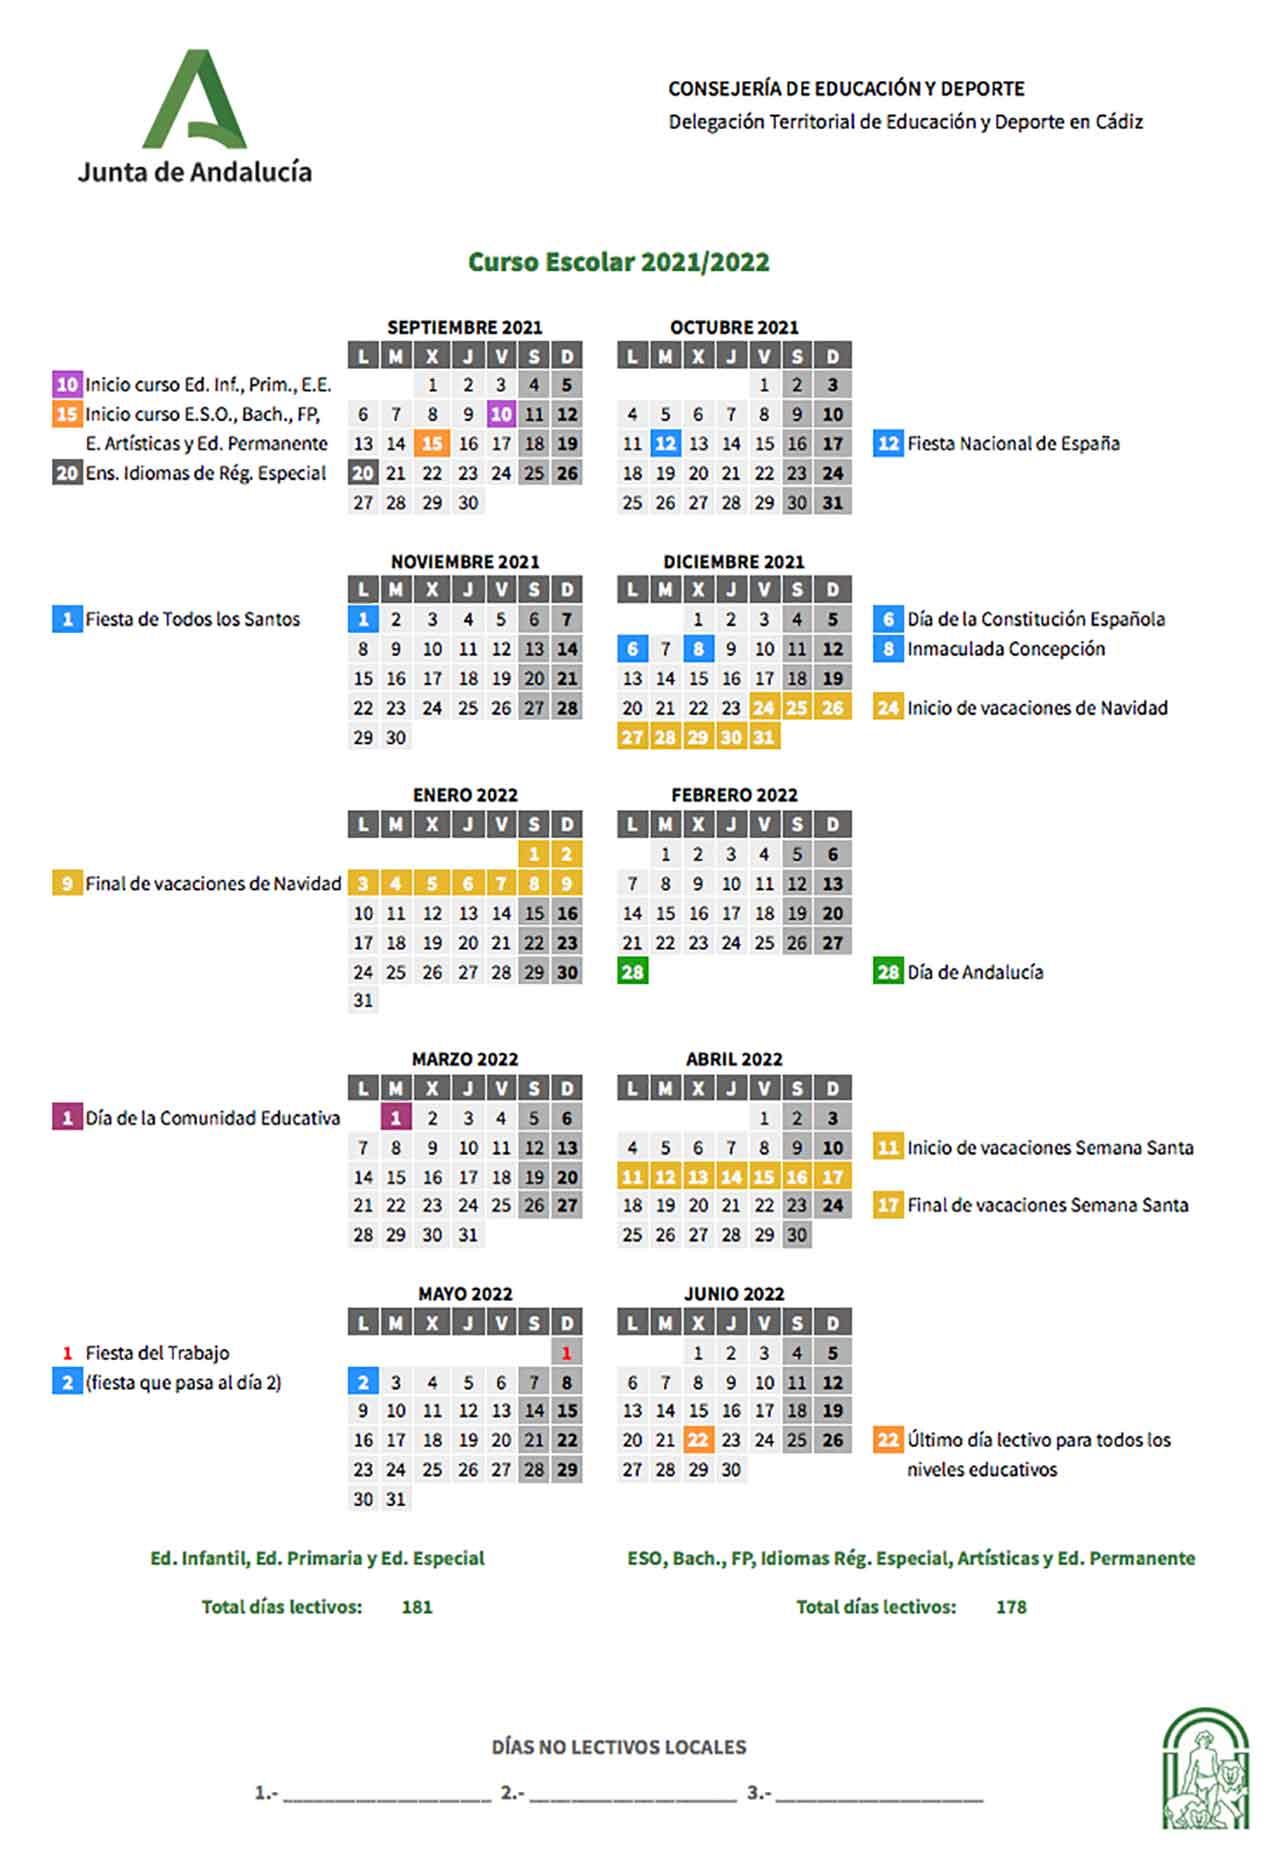 Calendario escolar Cádiz 2021-2022